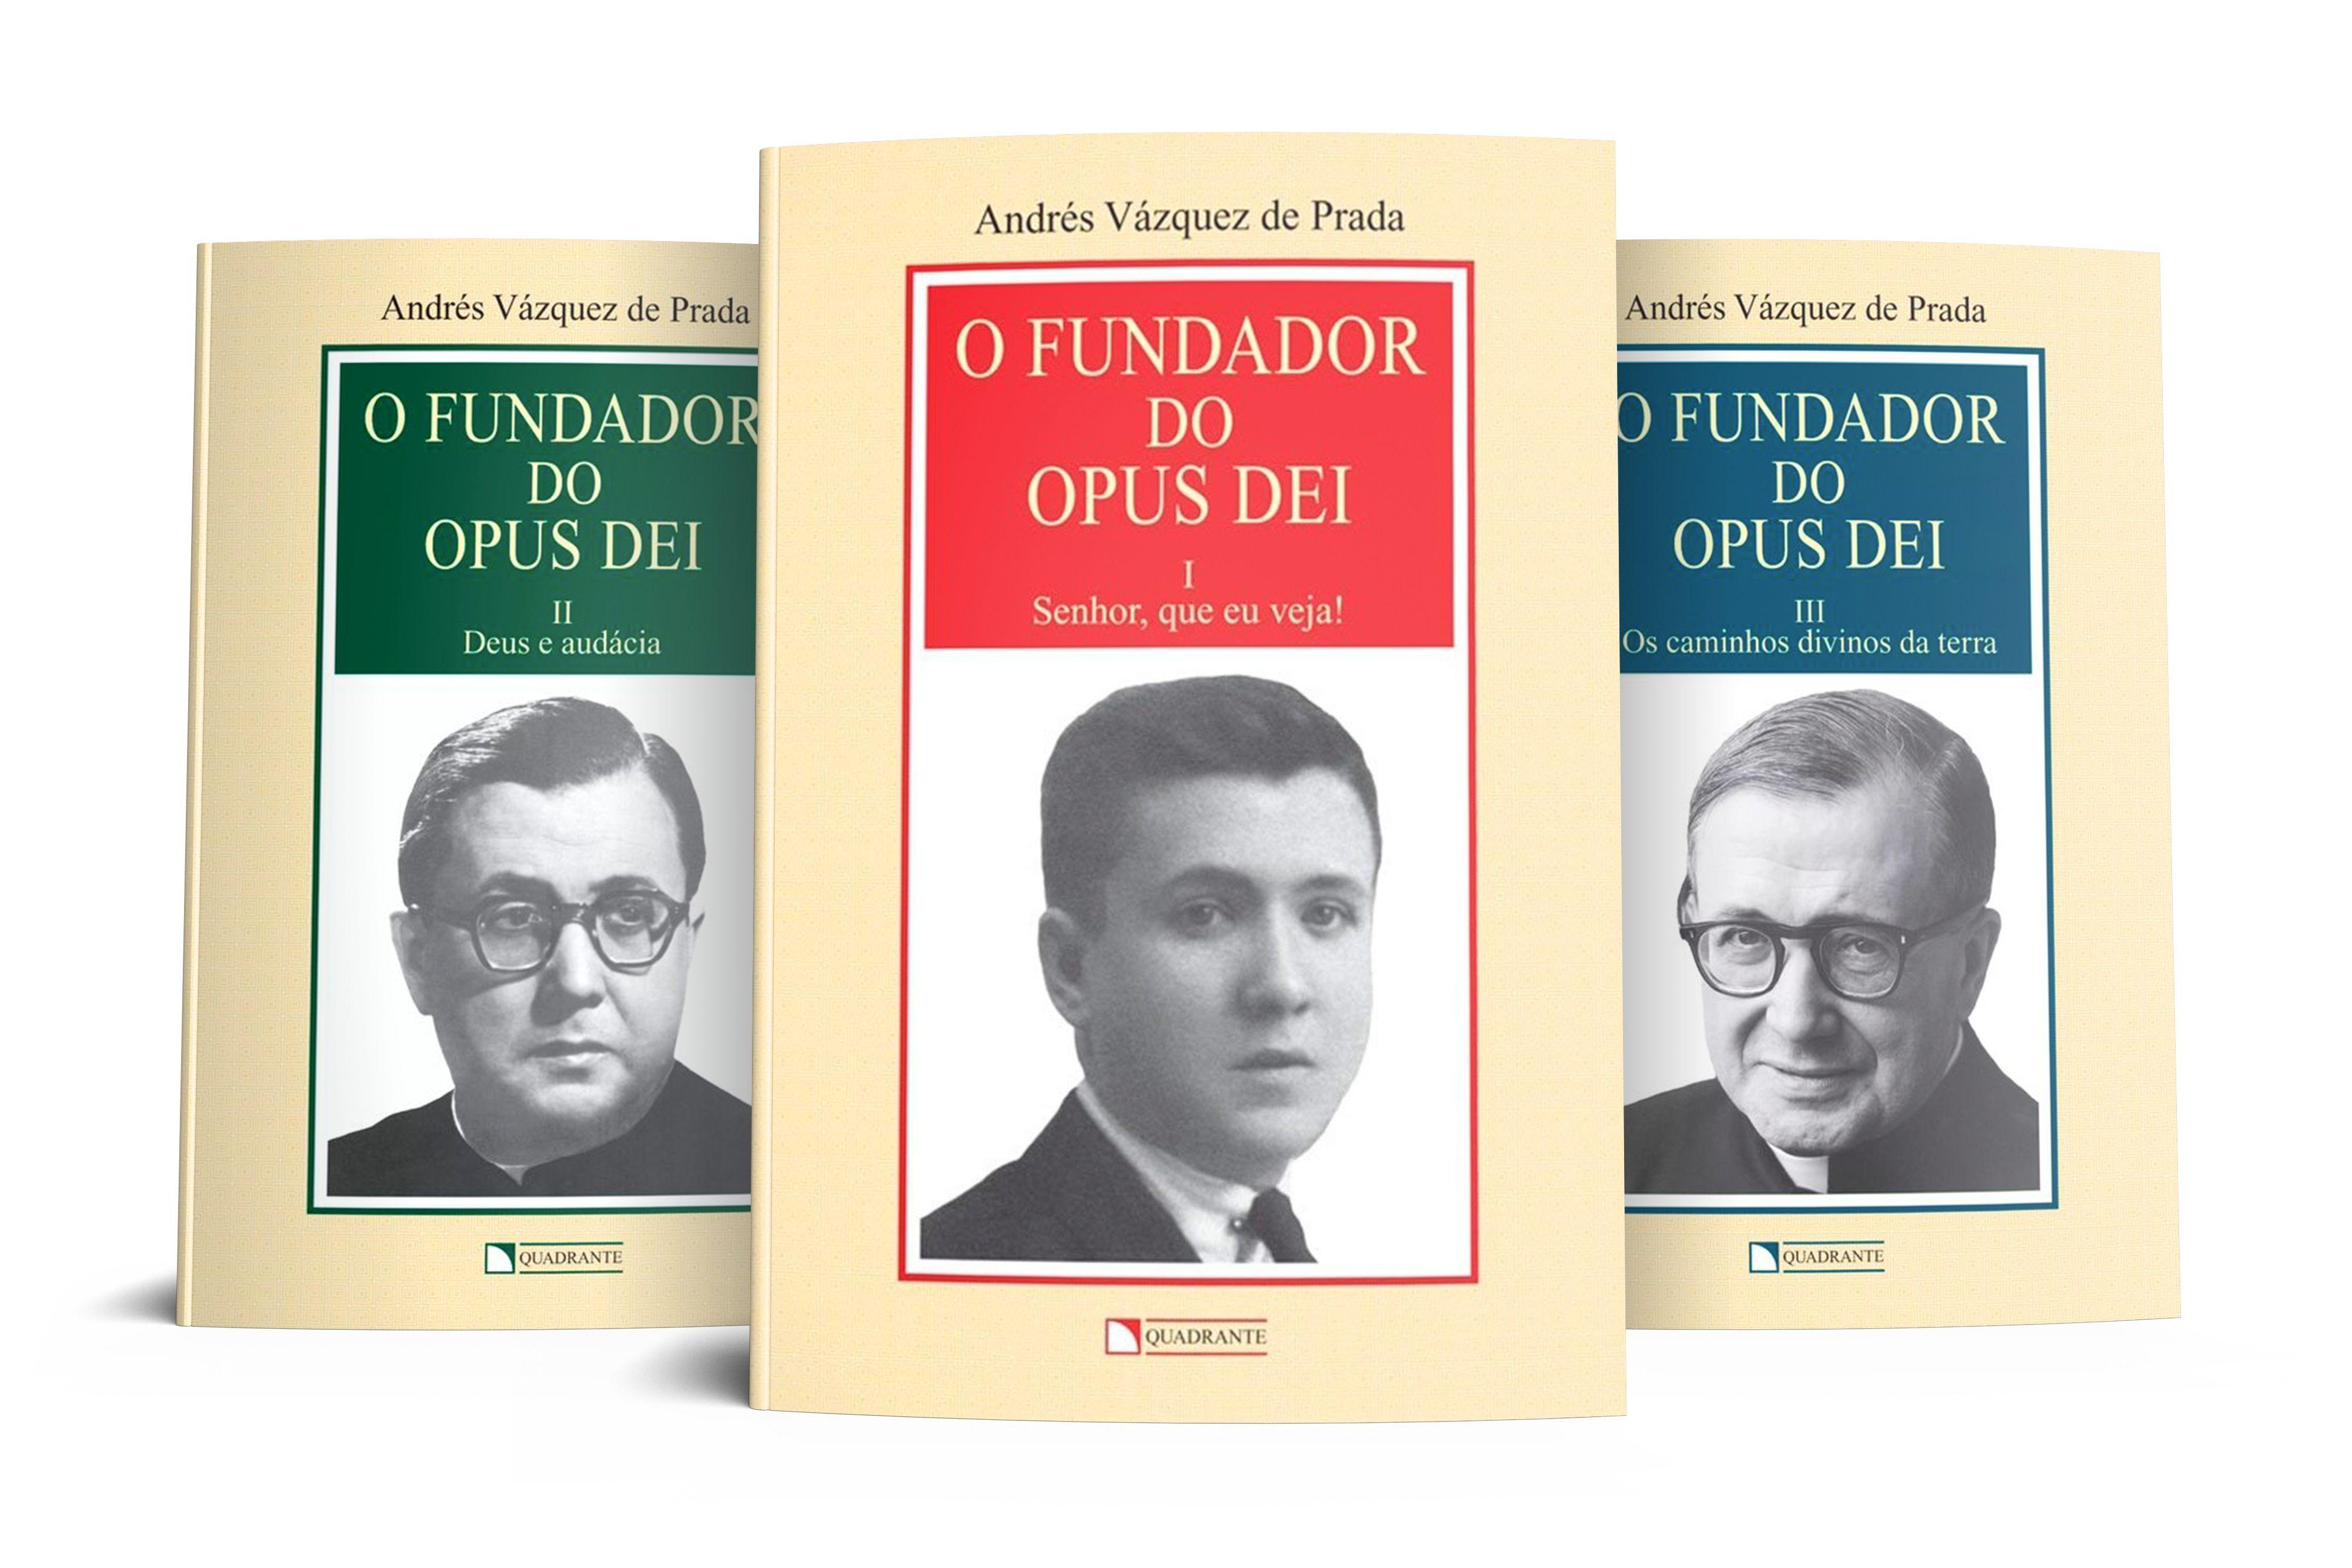 O fundador do Opus Dei, vols. I, II e III